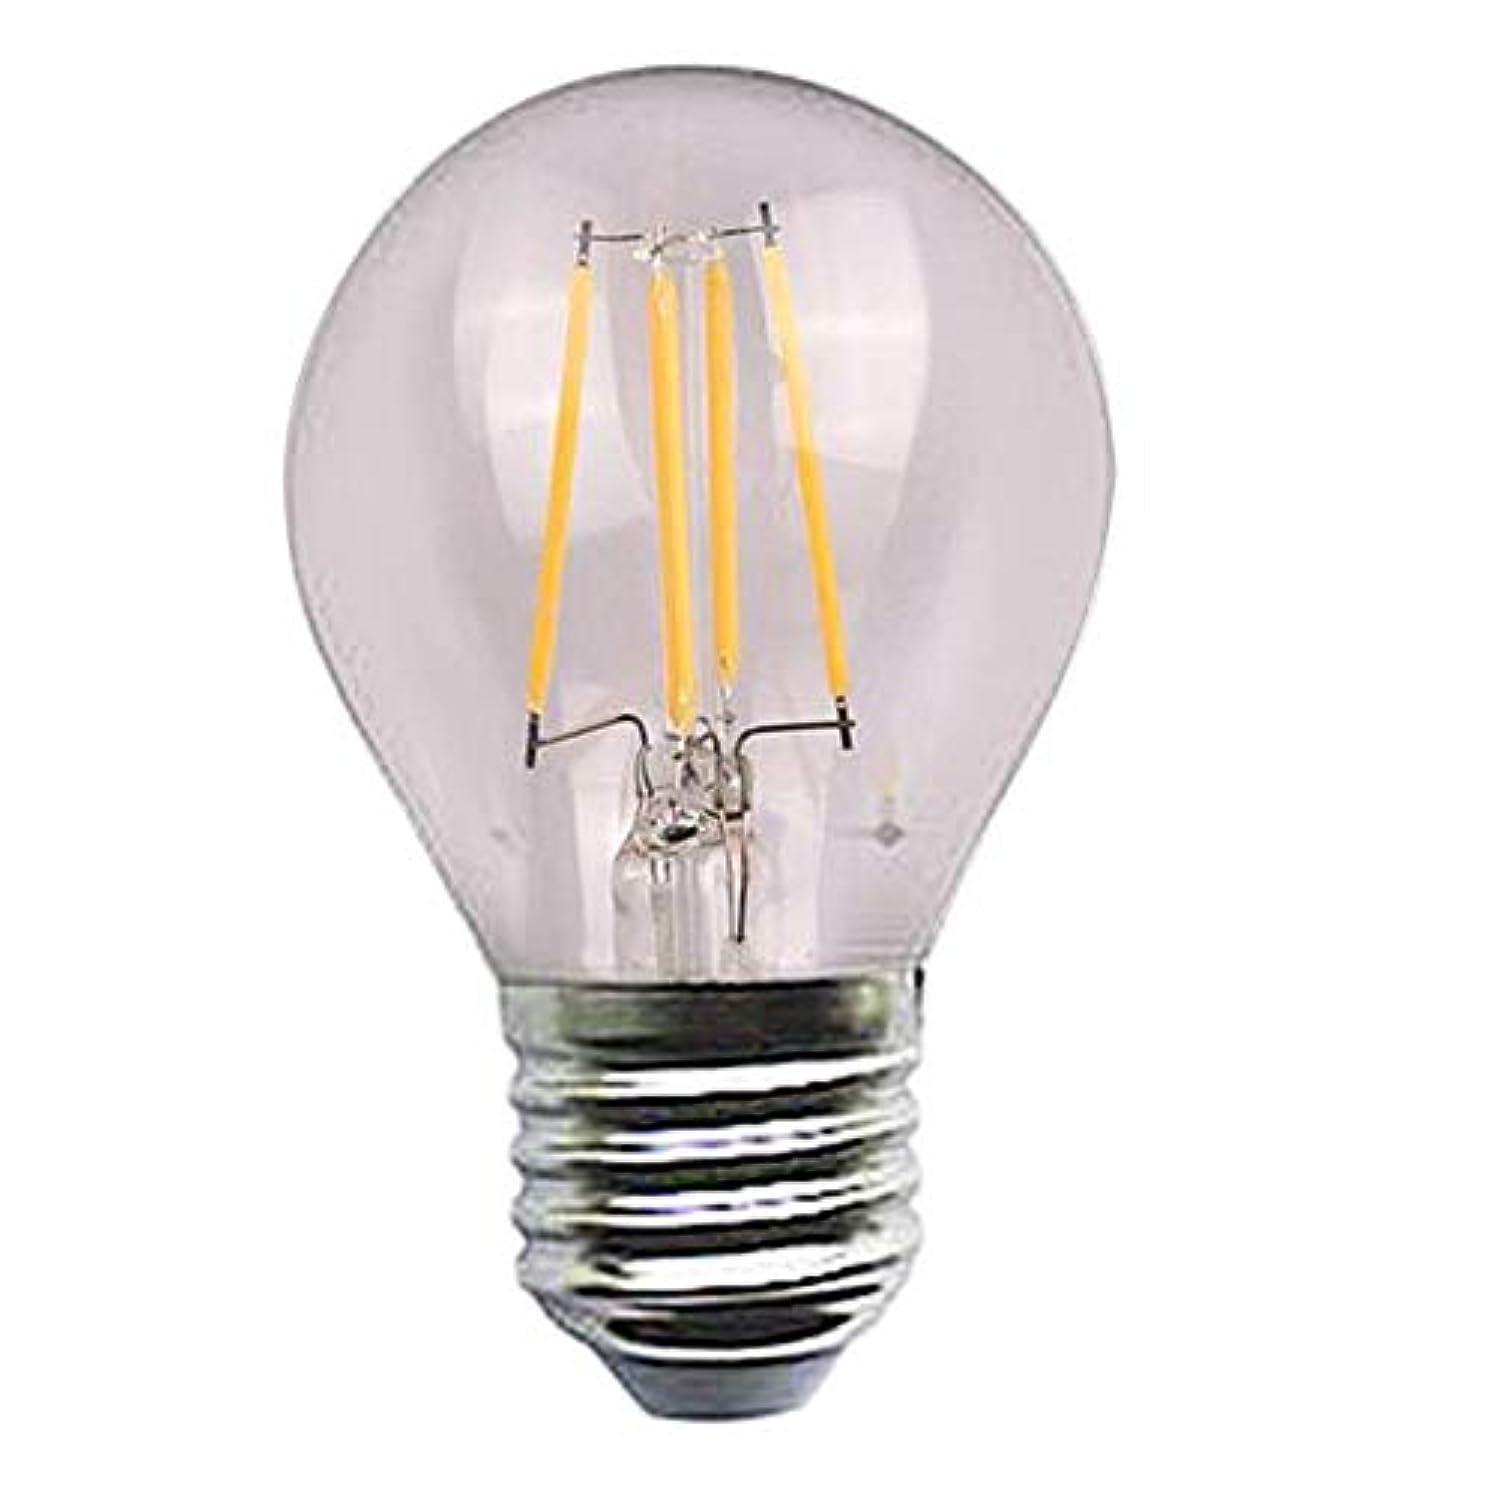 おもてなしマナー矛盾エジソンはフィラメントシリーズ球根4w 110-220vの銀ランプの頭部を導きました